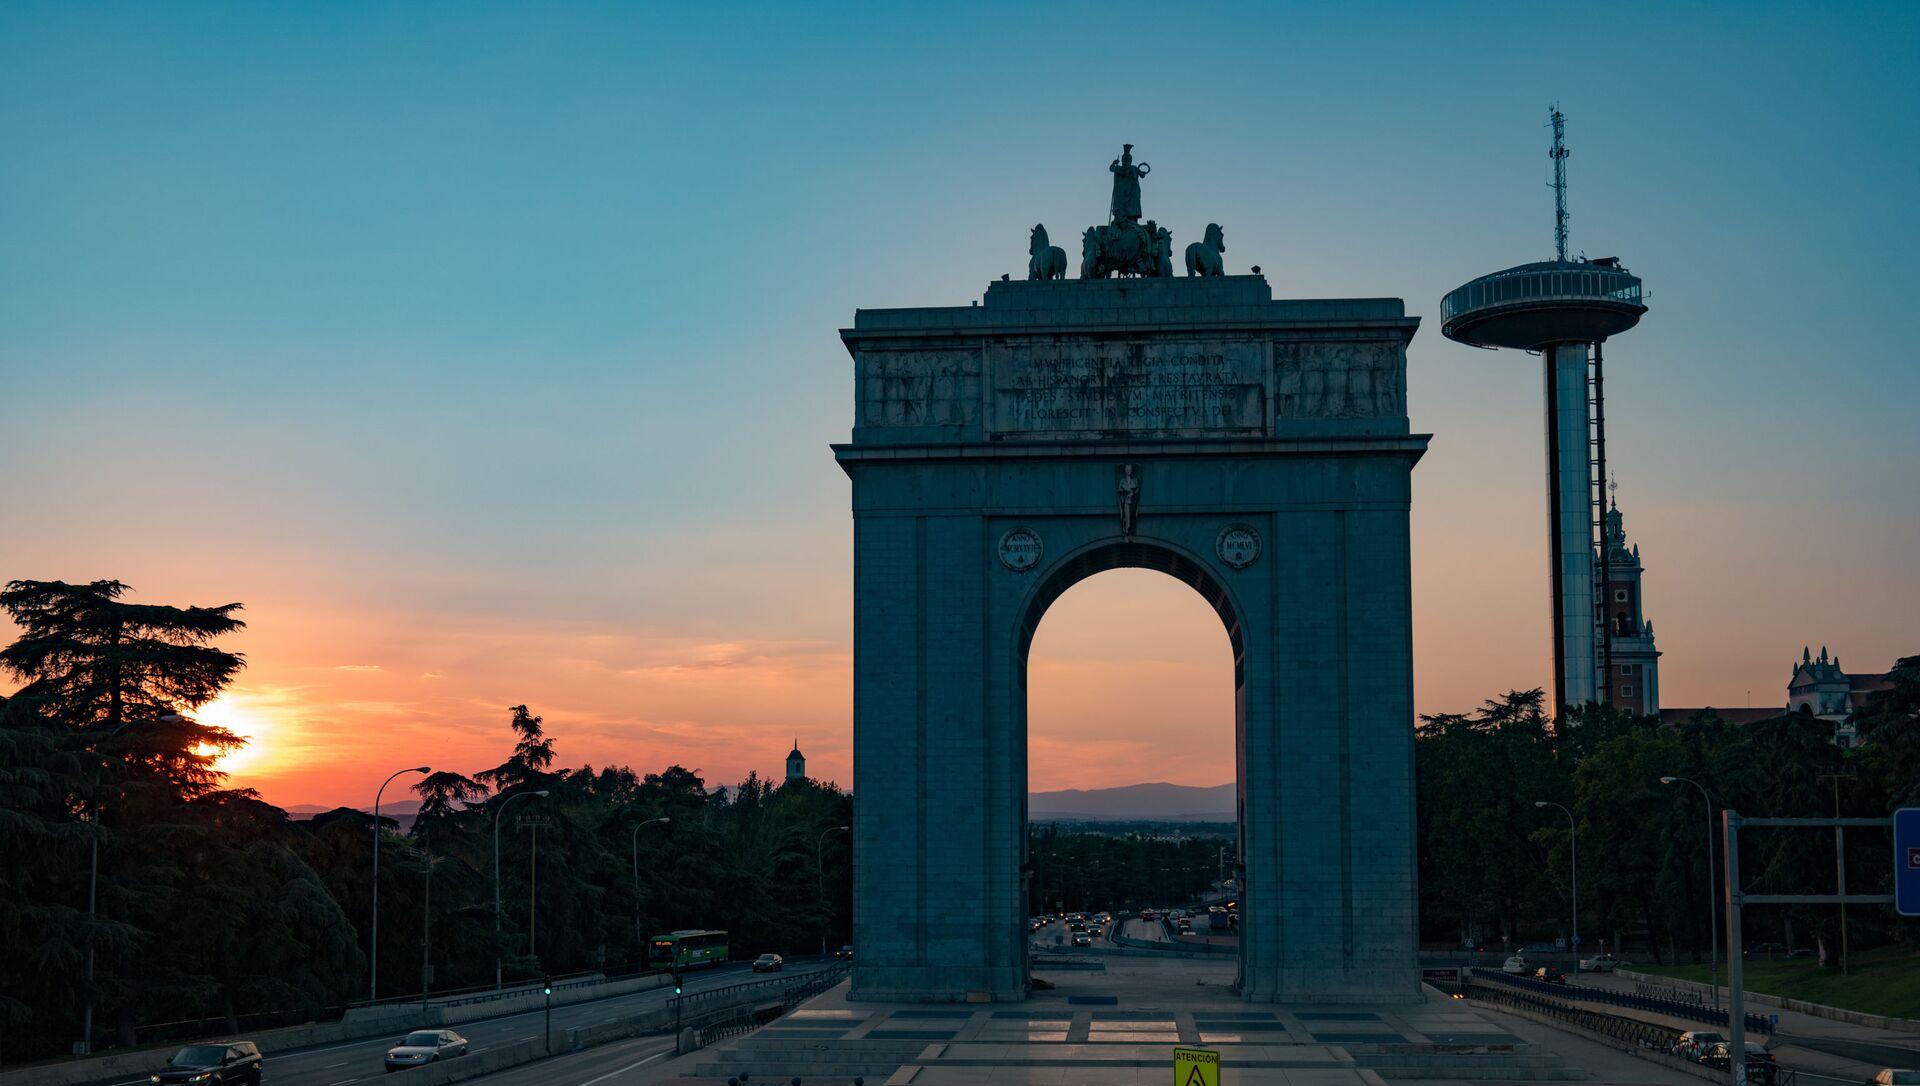 El Arco de la Victoria en Moncloa (Madrid) - Sputnik Mundo, 1920, 24.02.2020